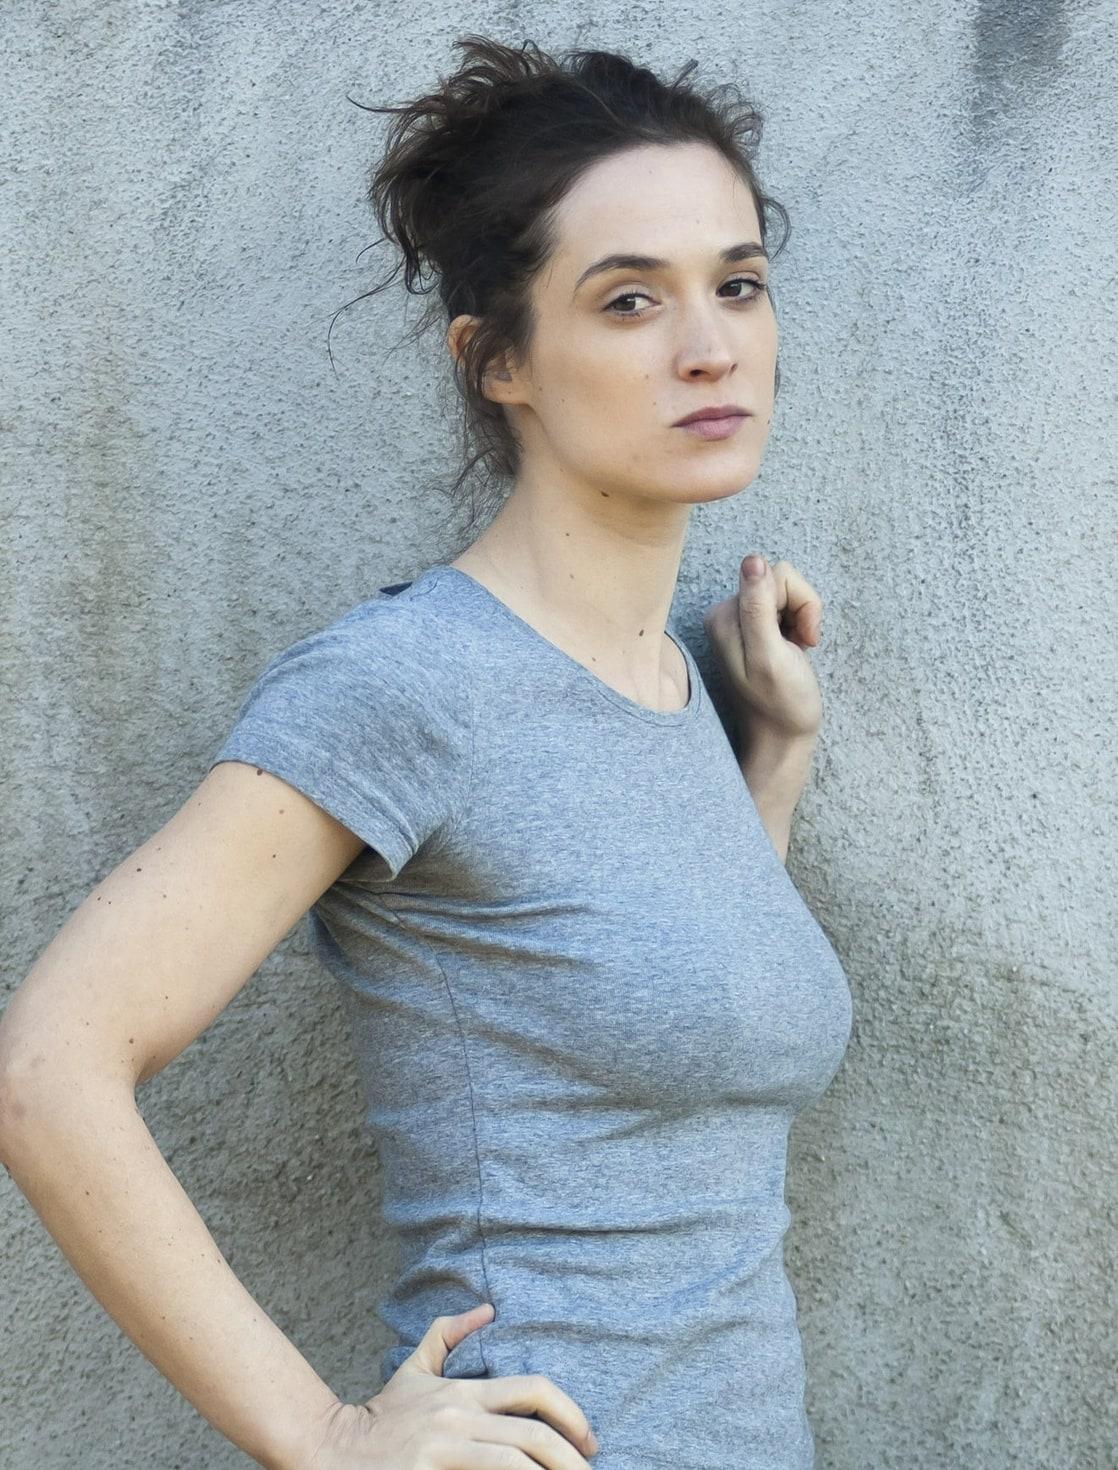 Friederike Becht naked 610